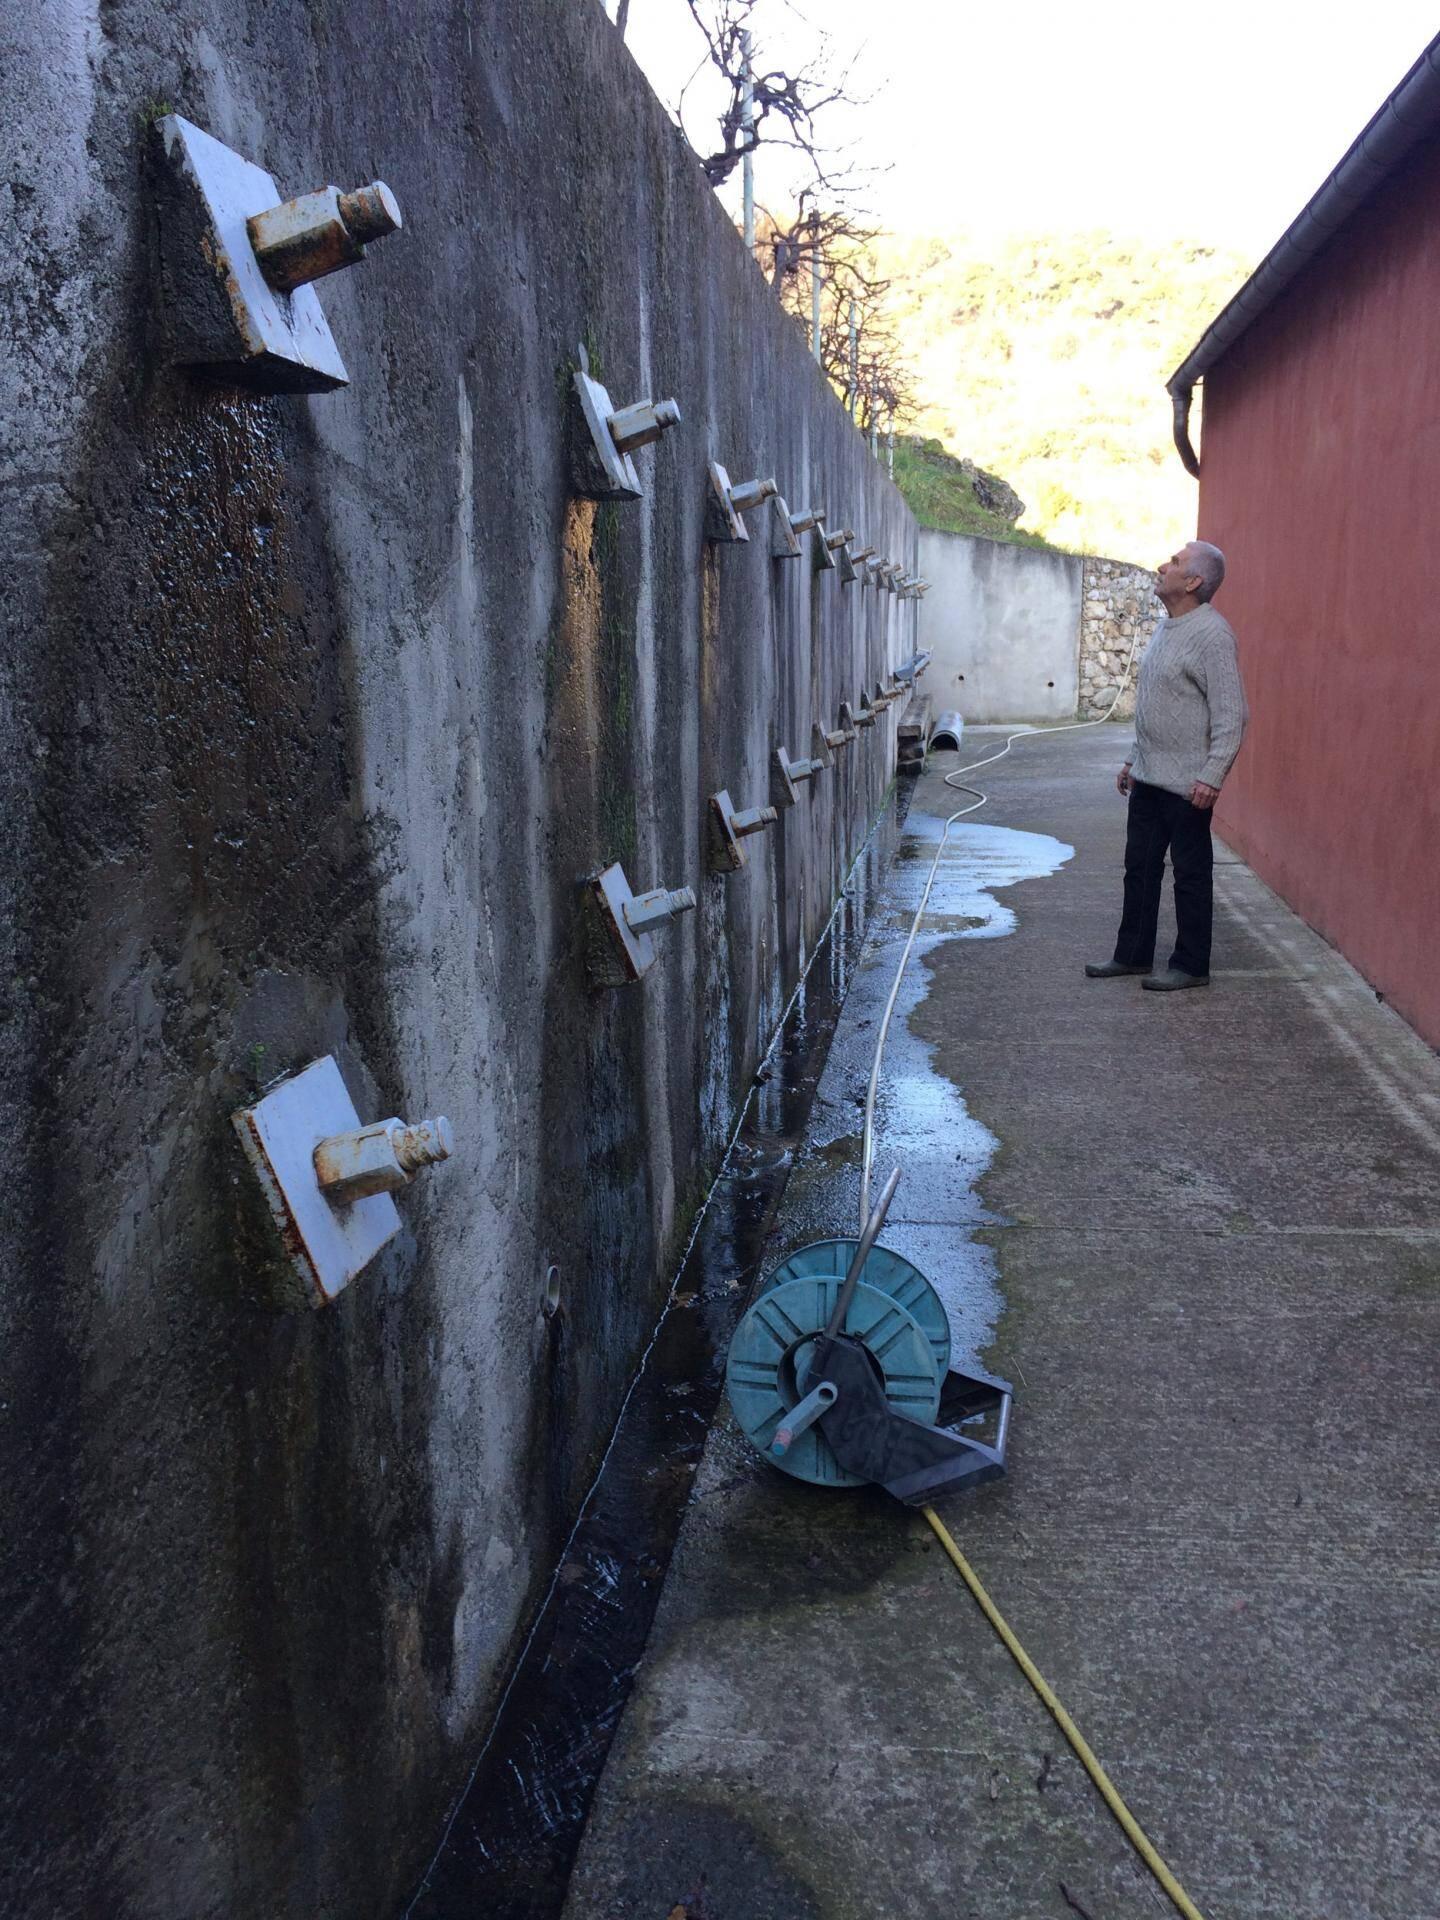 Les infiltrations d'eau ressortent par ce mur, provoquant un ruissellement continu depuis plusieurs mois et plus profondément en sous-sol.